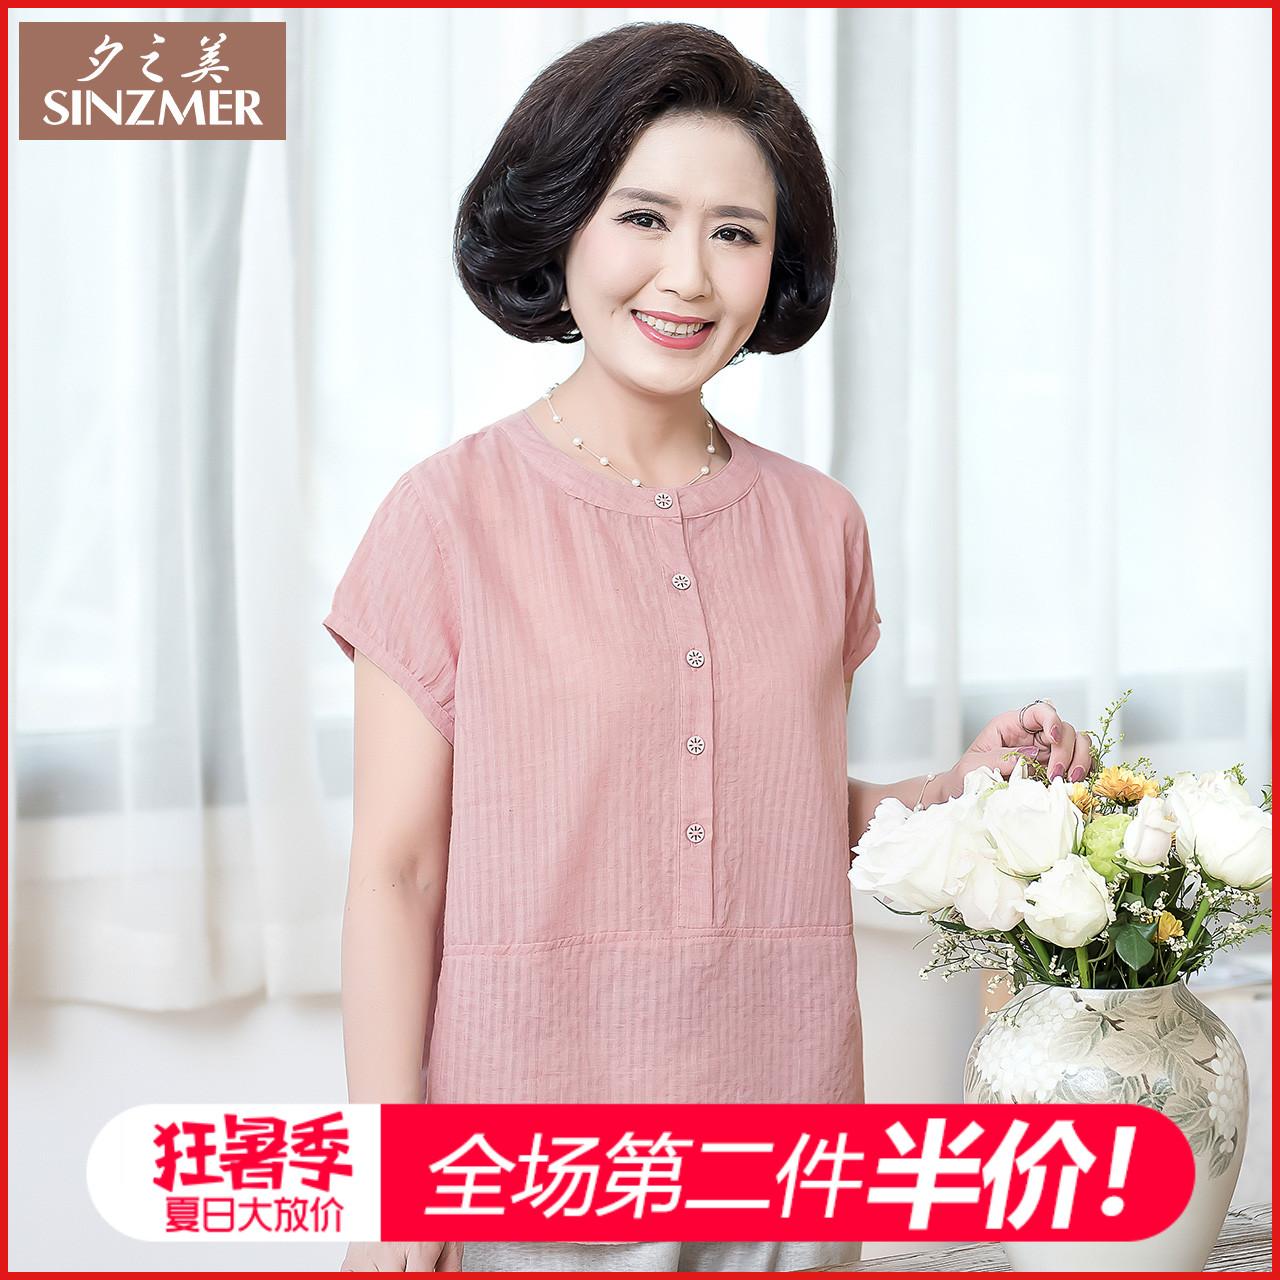 妈妈装夏装短袖T恤中老年人女装纯色上衣老人奶奶装半袖夏季服装